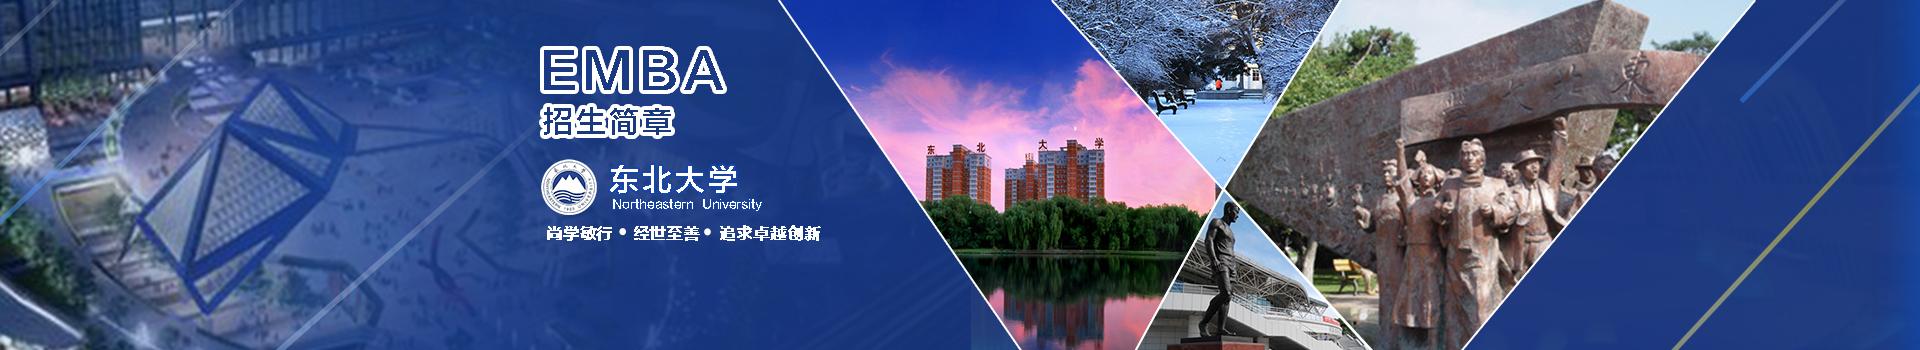 东北大学工商管理学院高级工商管理硕士EMBA招生简章